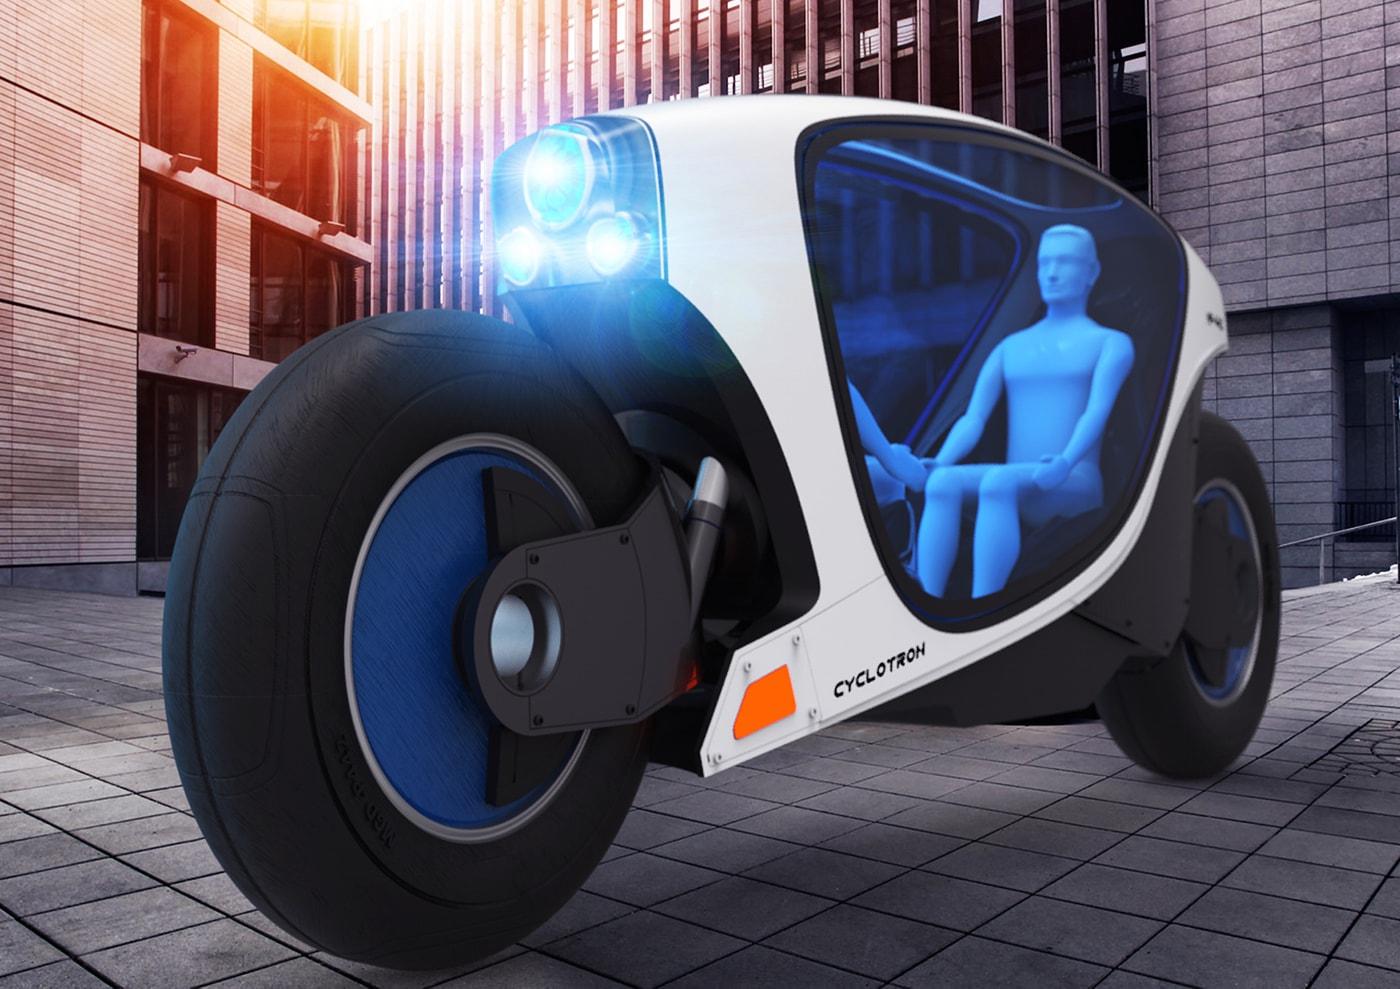 A motocicleta de auto condução Cyclotron será o transporte do futuro nas cidades stylo urbano-1